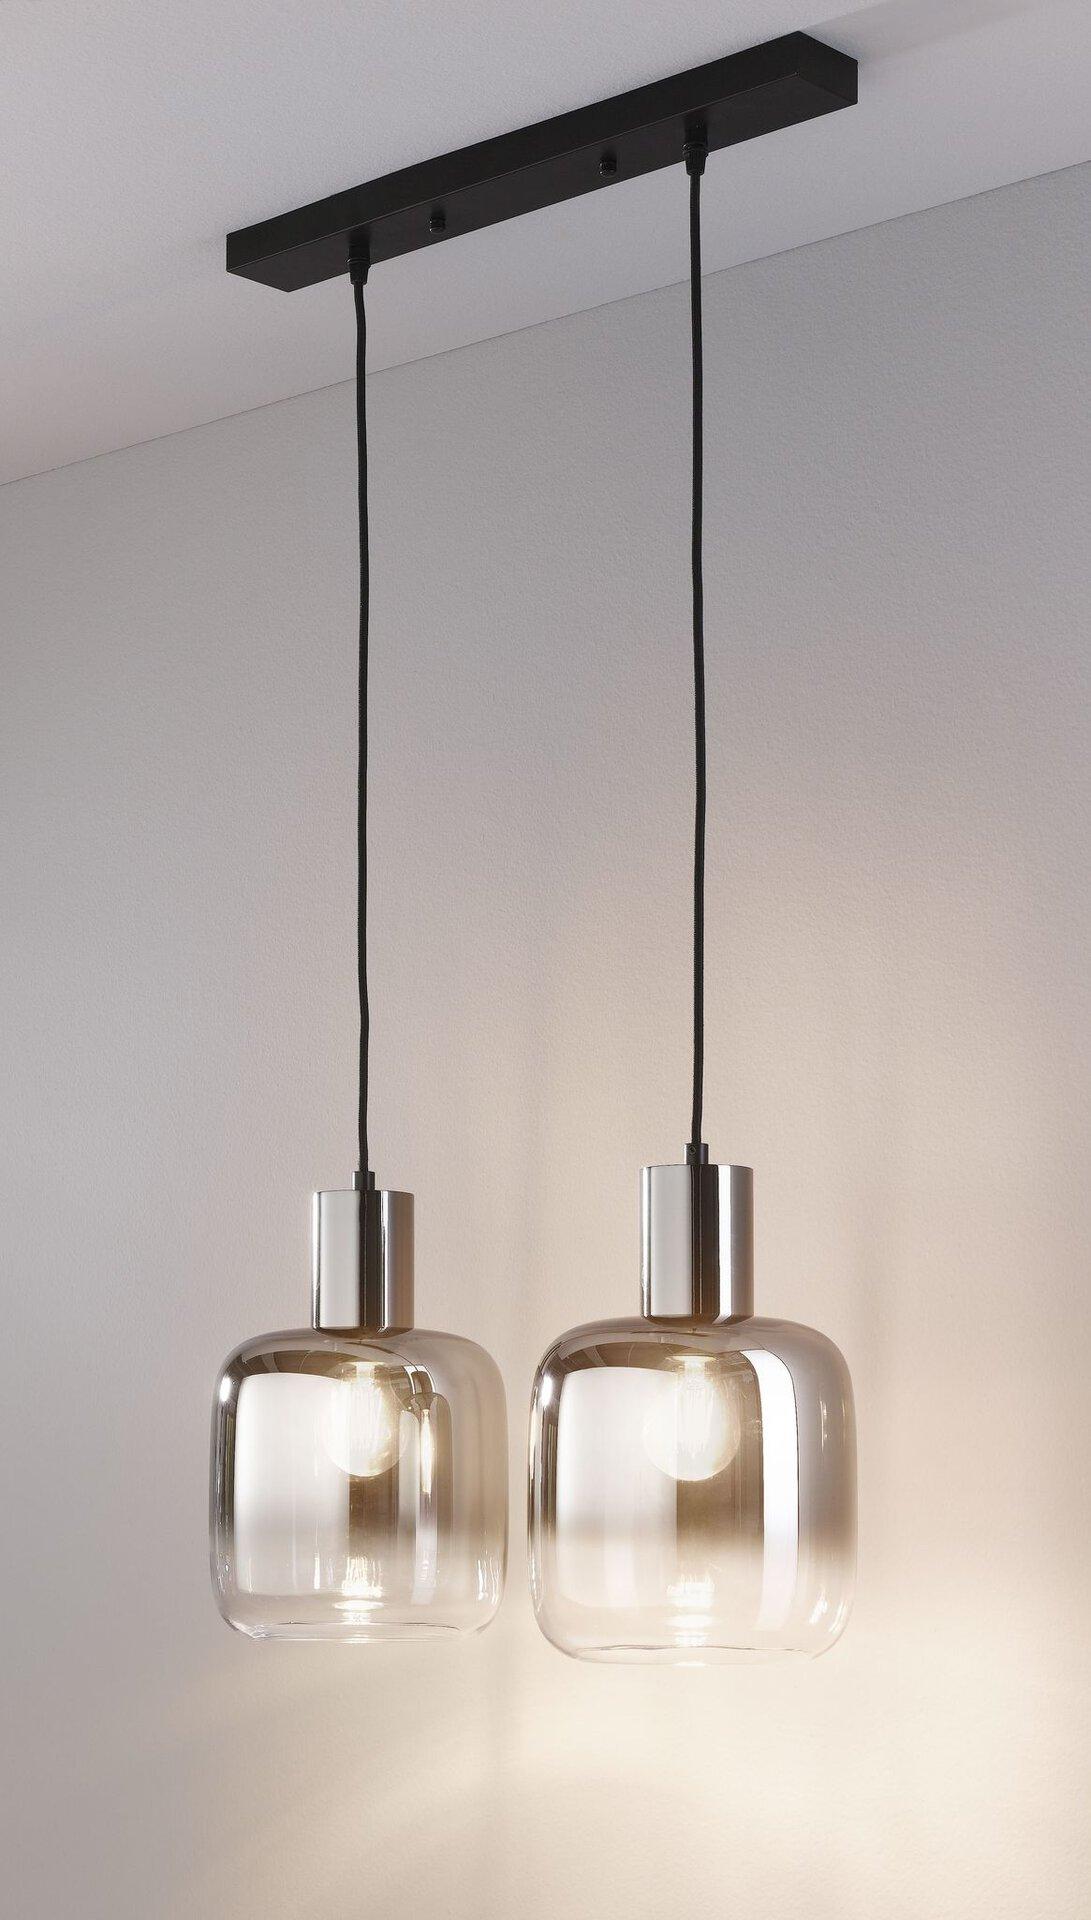 Hängeleuchte Svenja Casa Nova Metall mehrfarbig 50 x 150 x 21 cm